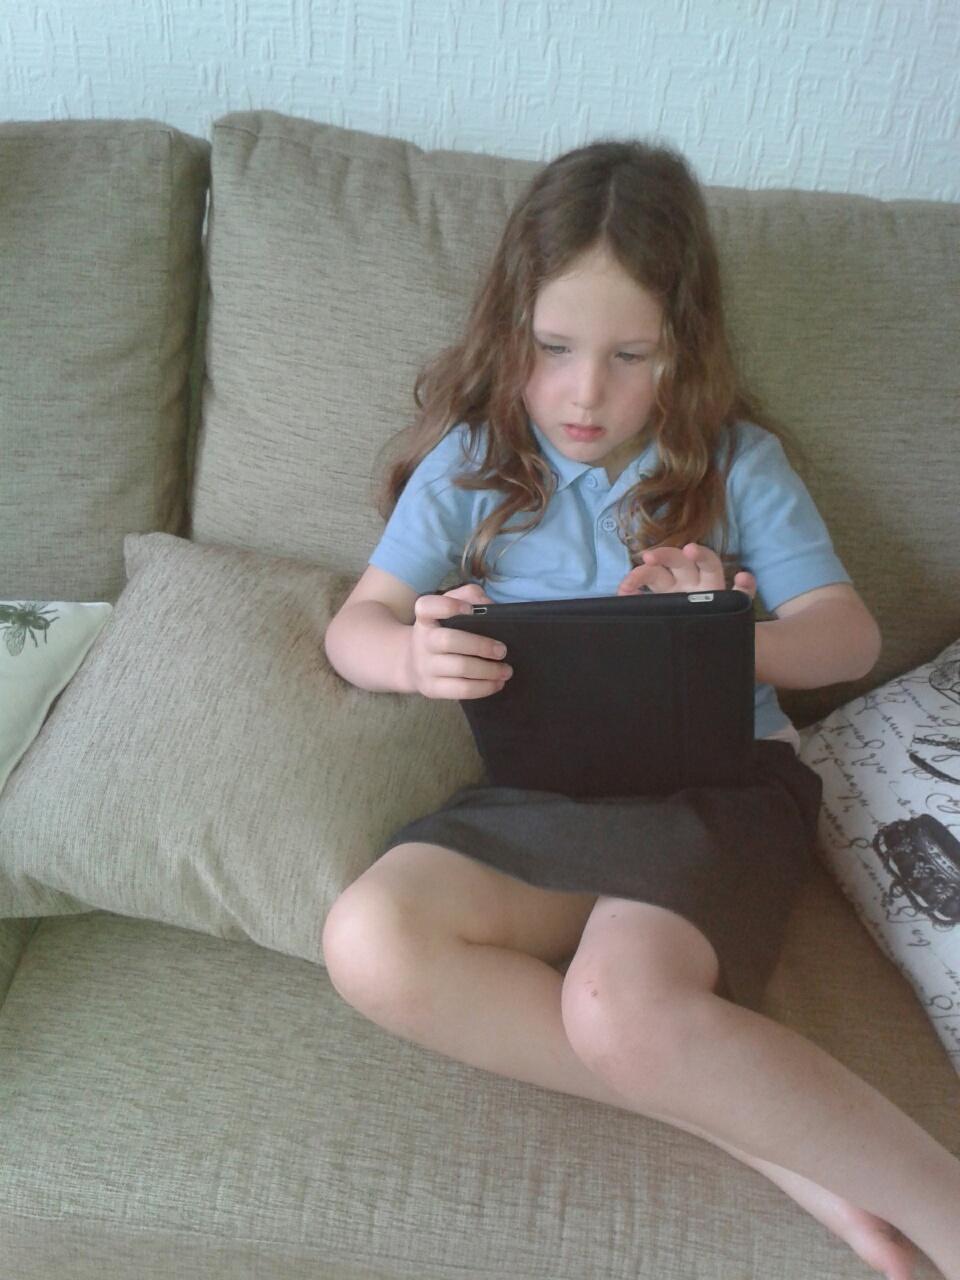 Caitlin with iPad